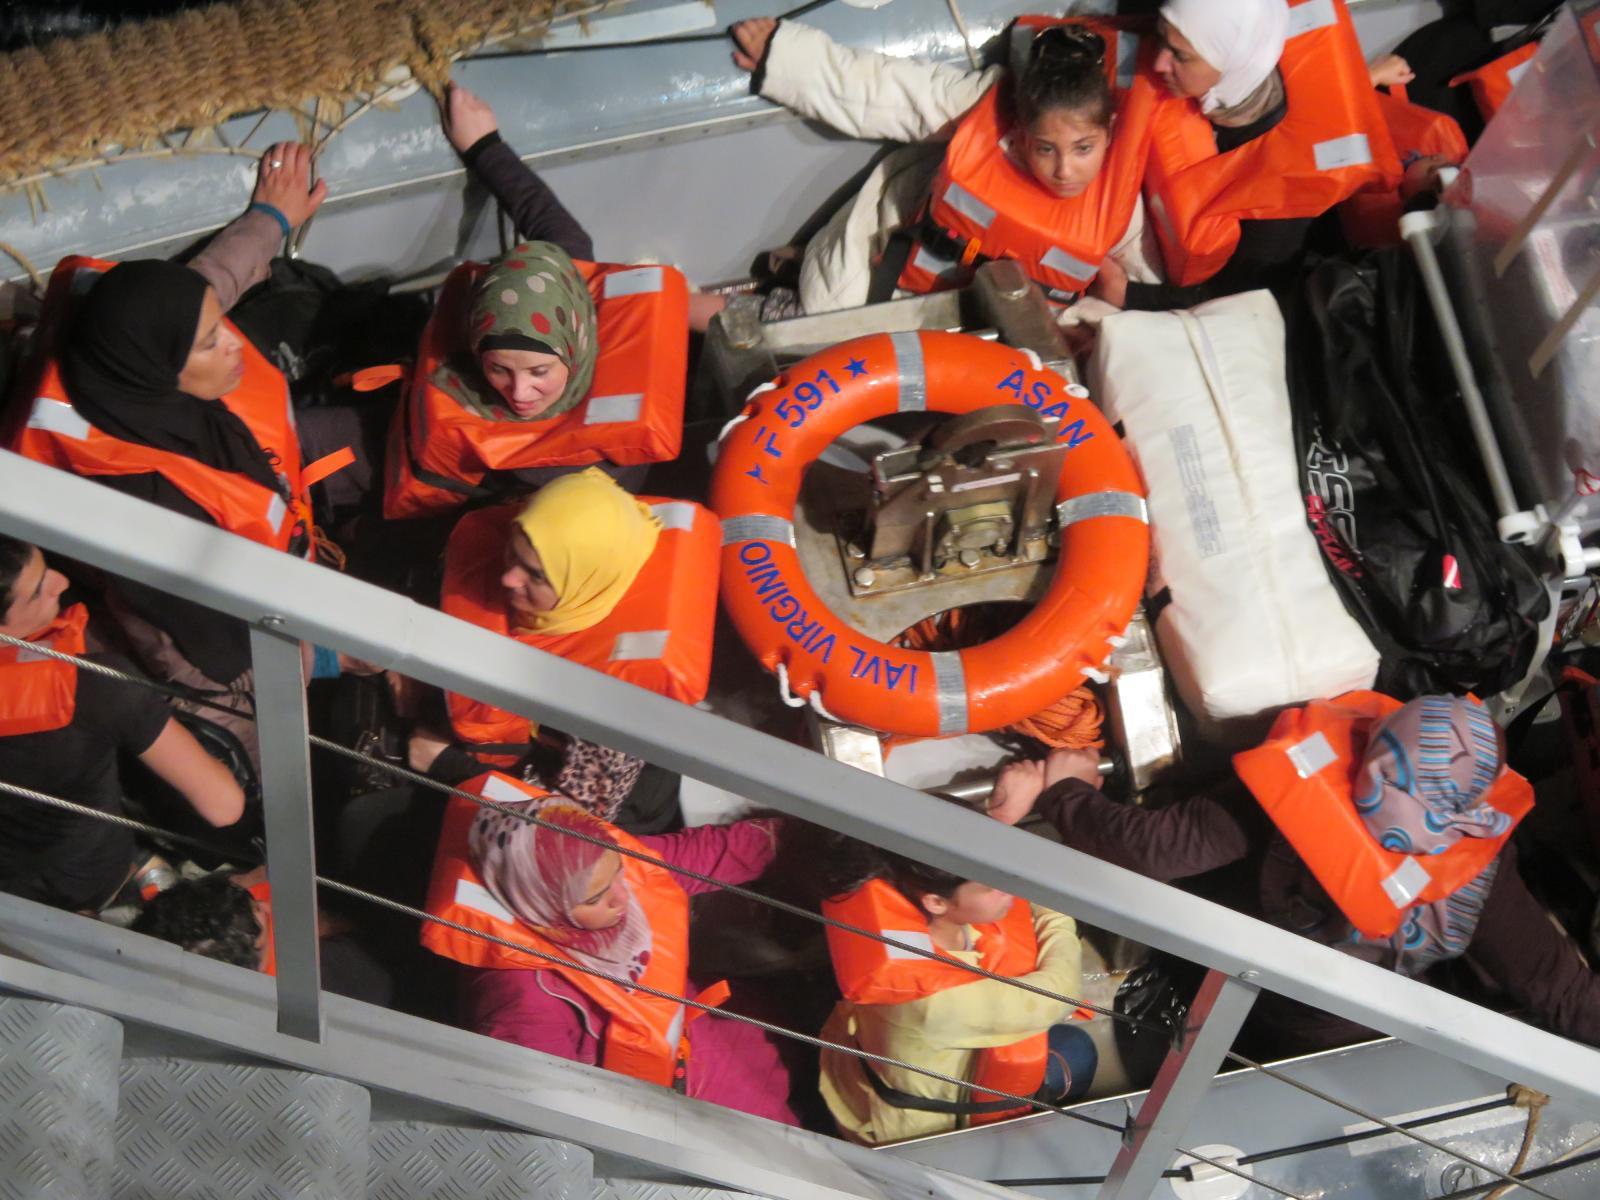 7 otázek, které byste mohli klást ohledně migrantů, kteří umírají při překonávání Středozemního moře